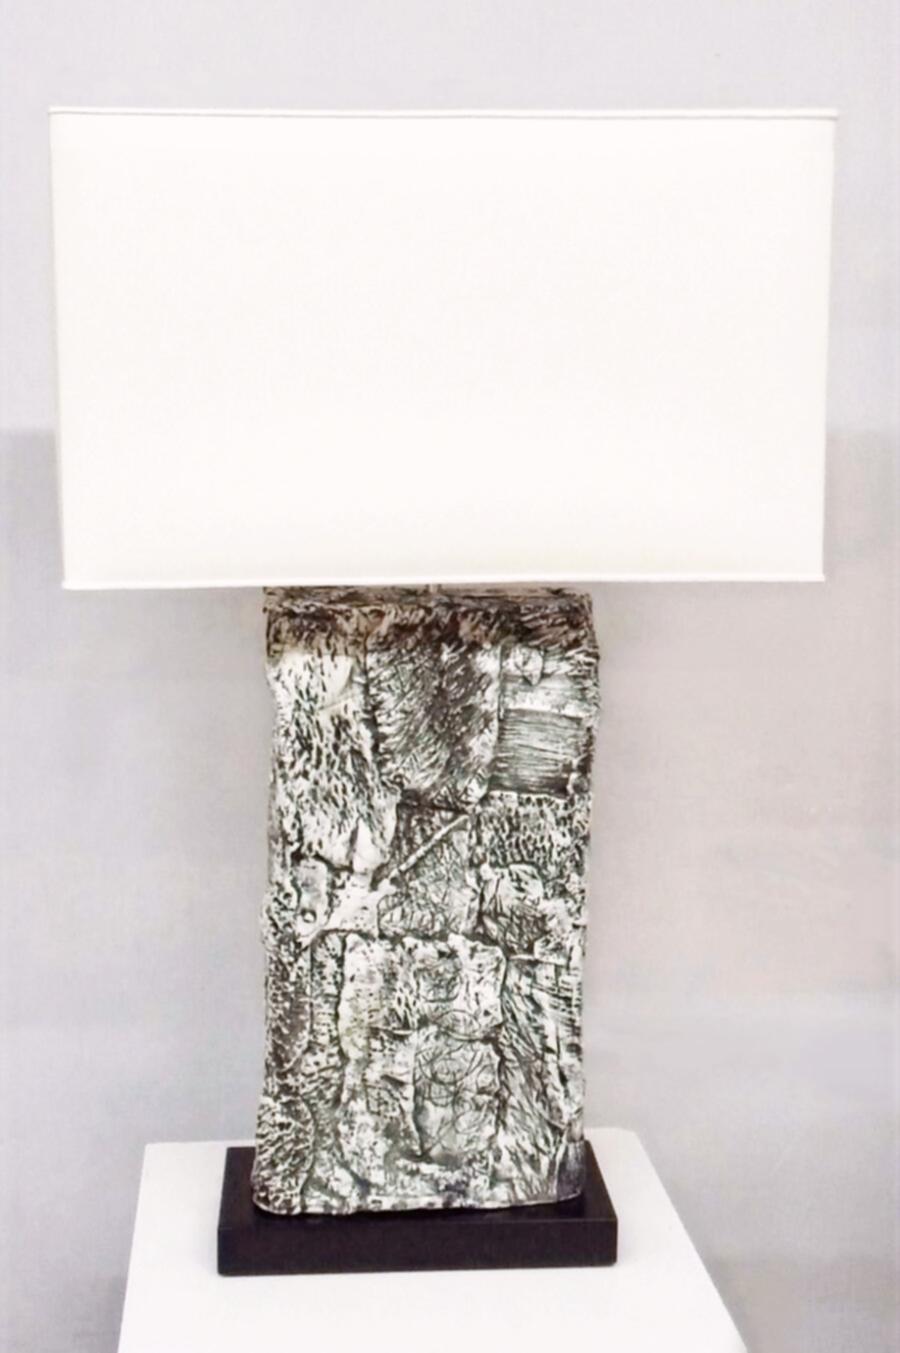 Lampada in ceramica bianca e nera